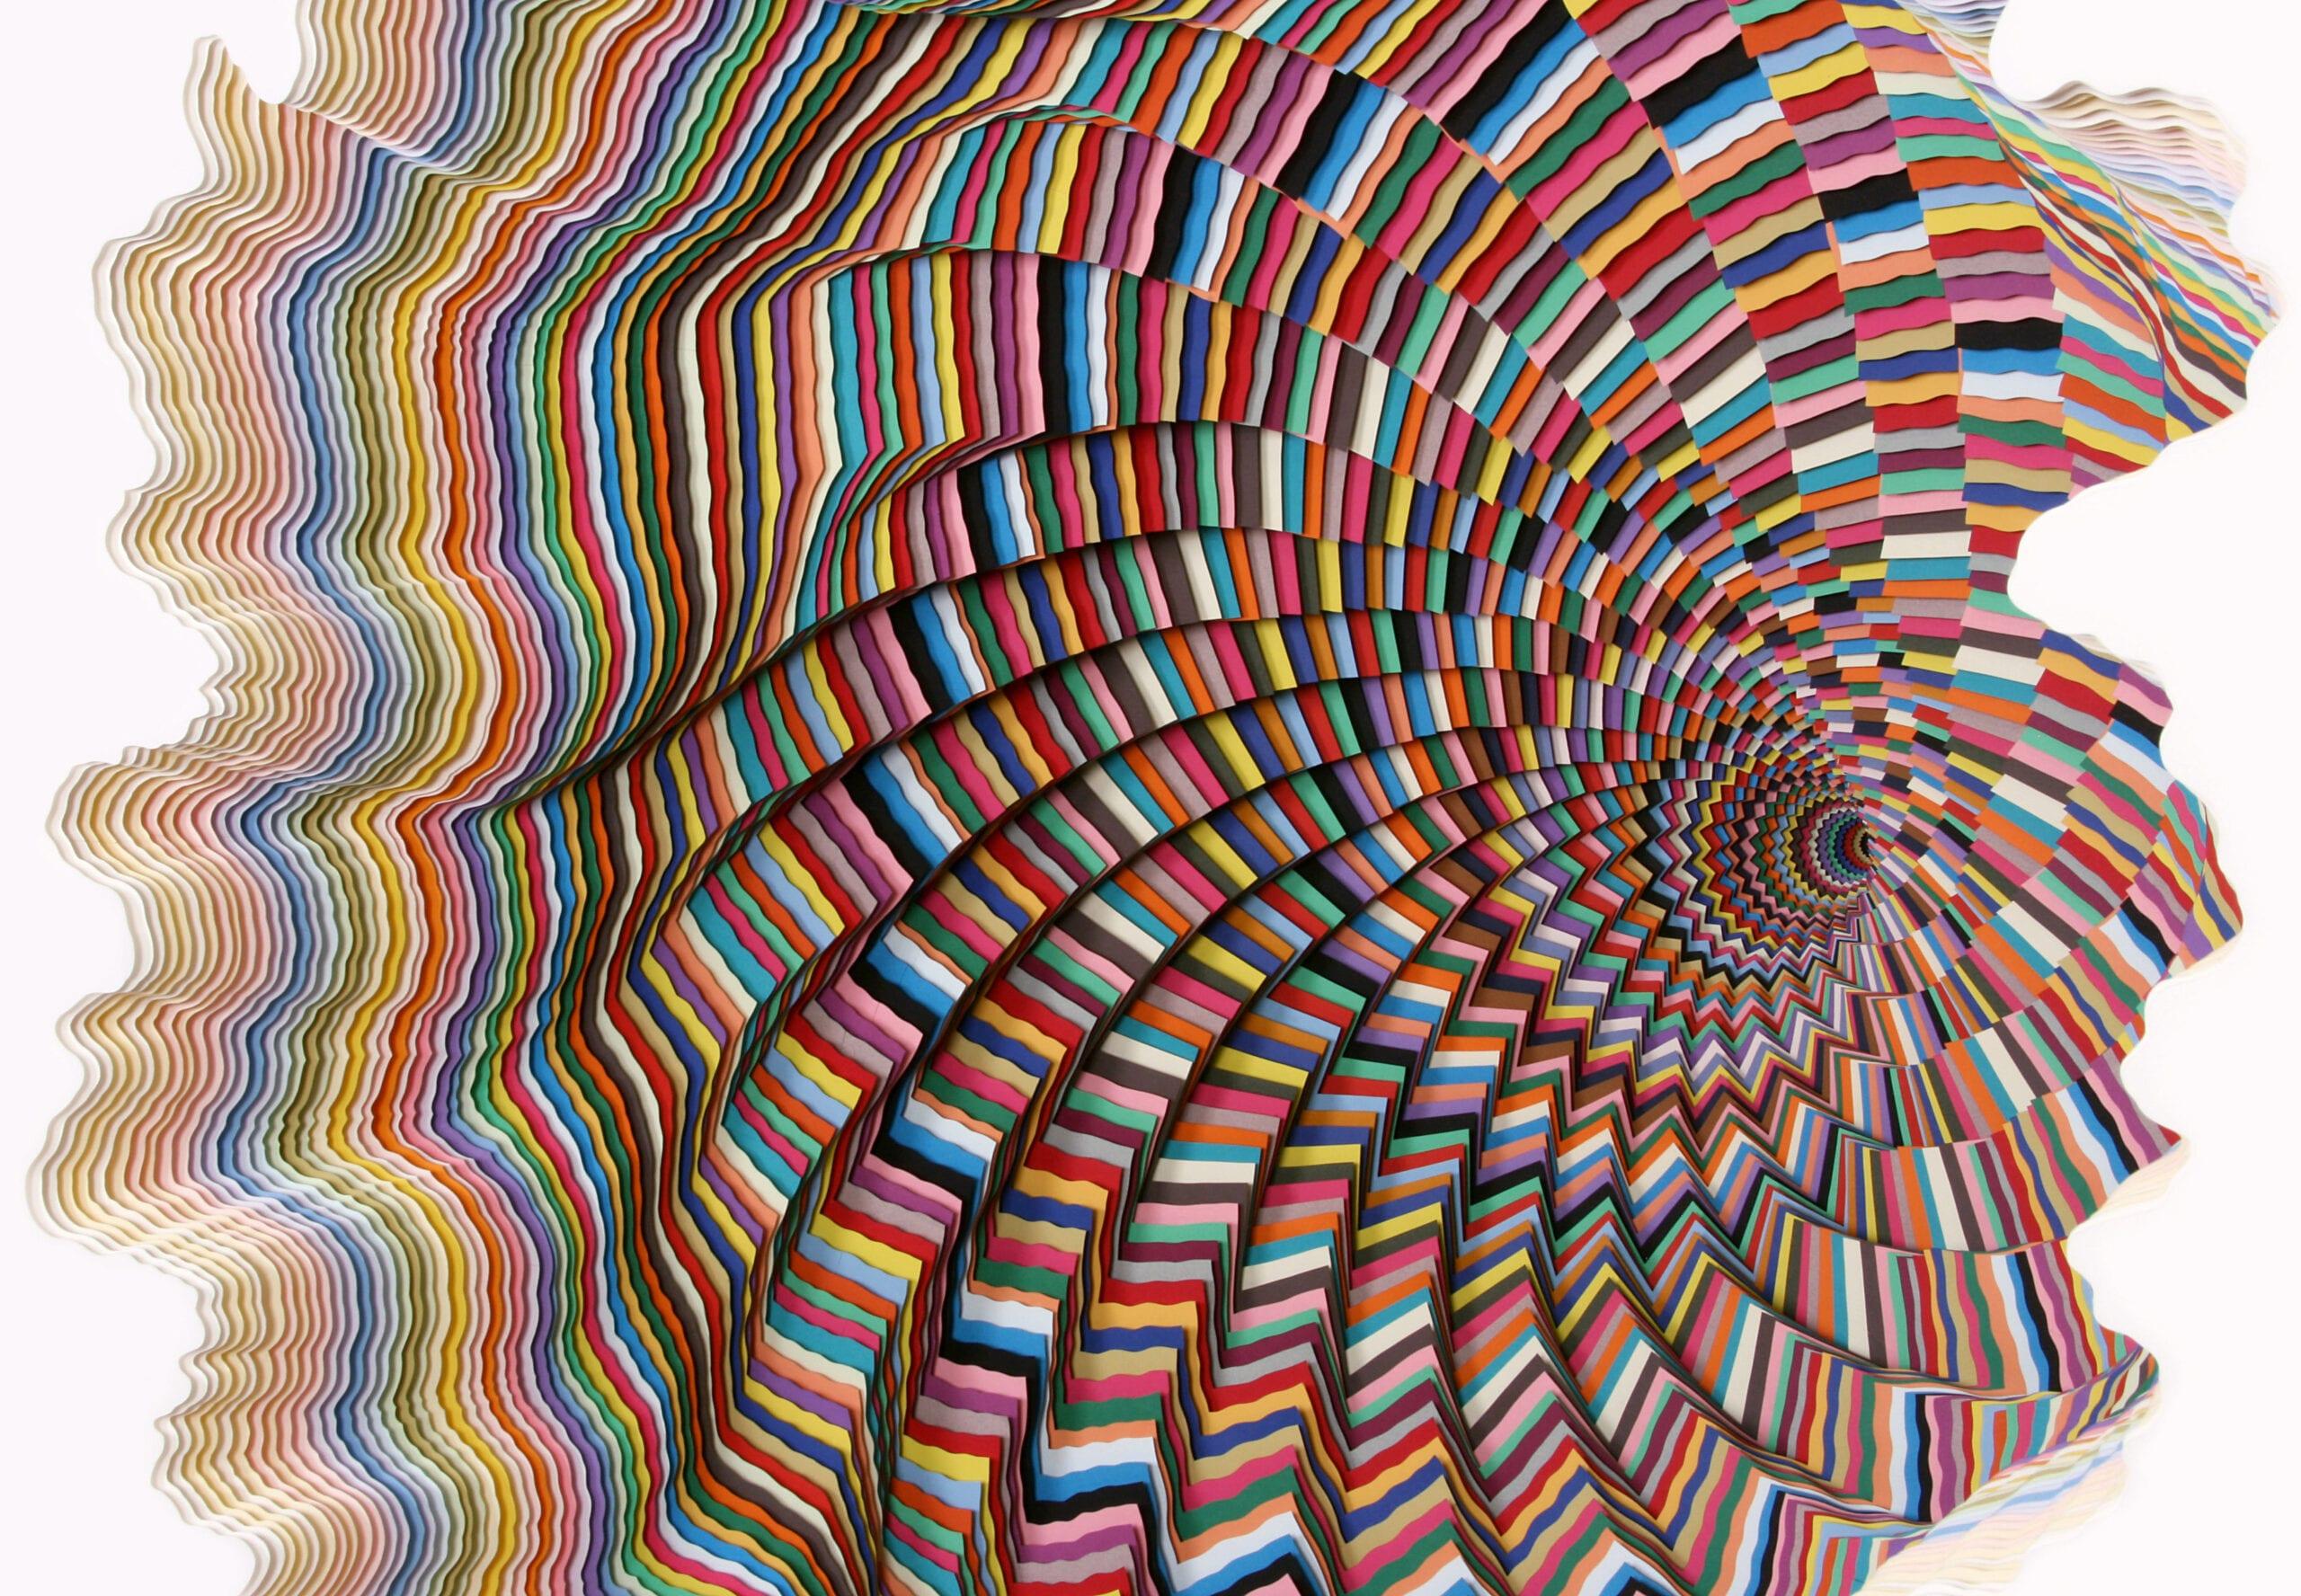 """Jen Stark, Vortextural, Installation of hand-cut acid-free paper, foam board, glue, 42"""" x 35"""" x 30"""", 2013."""